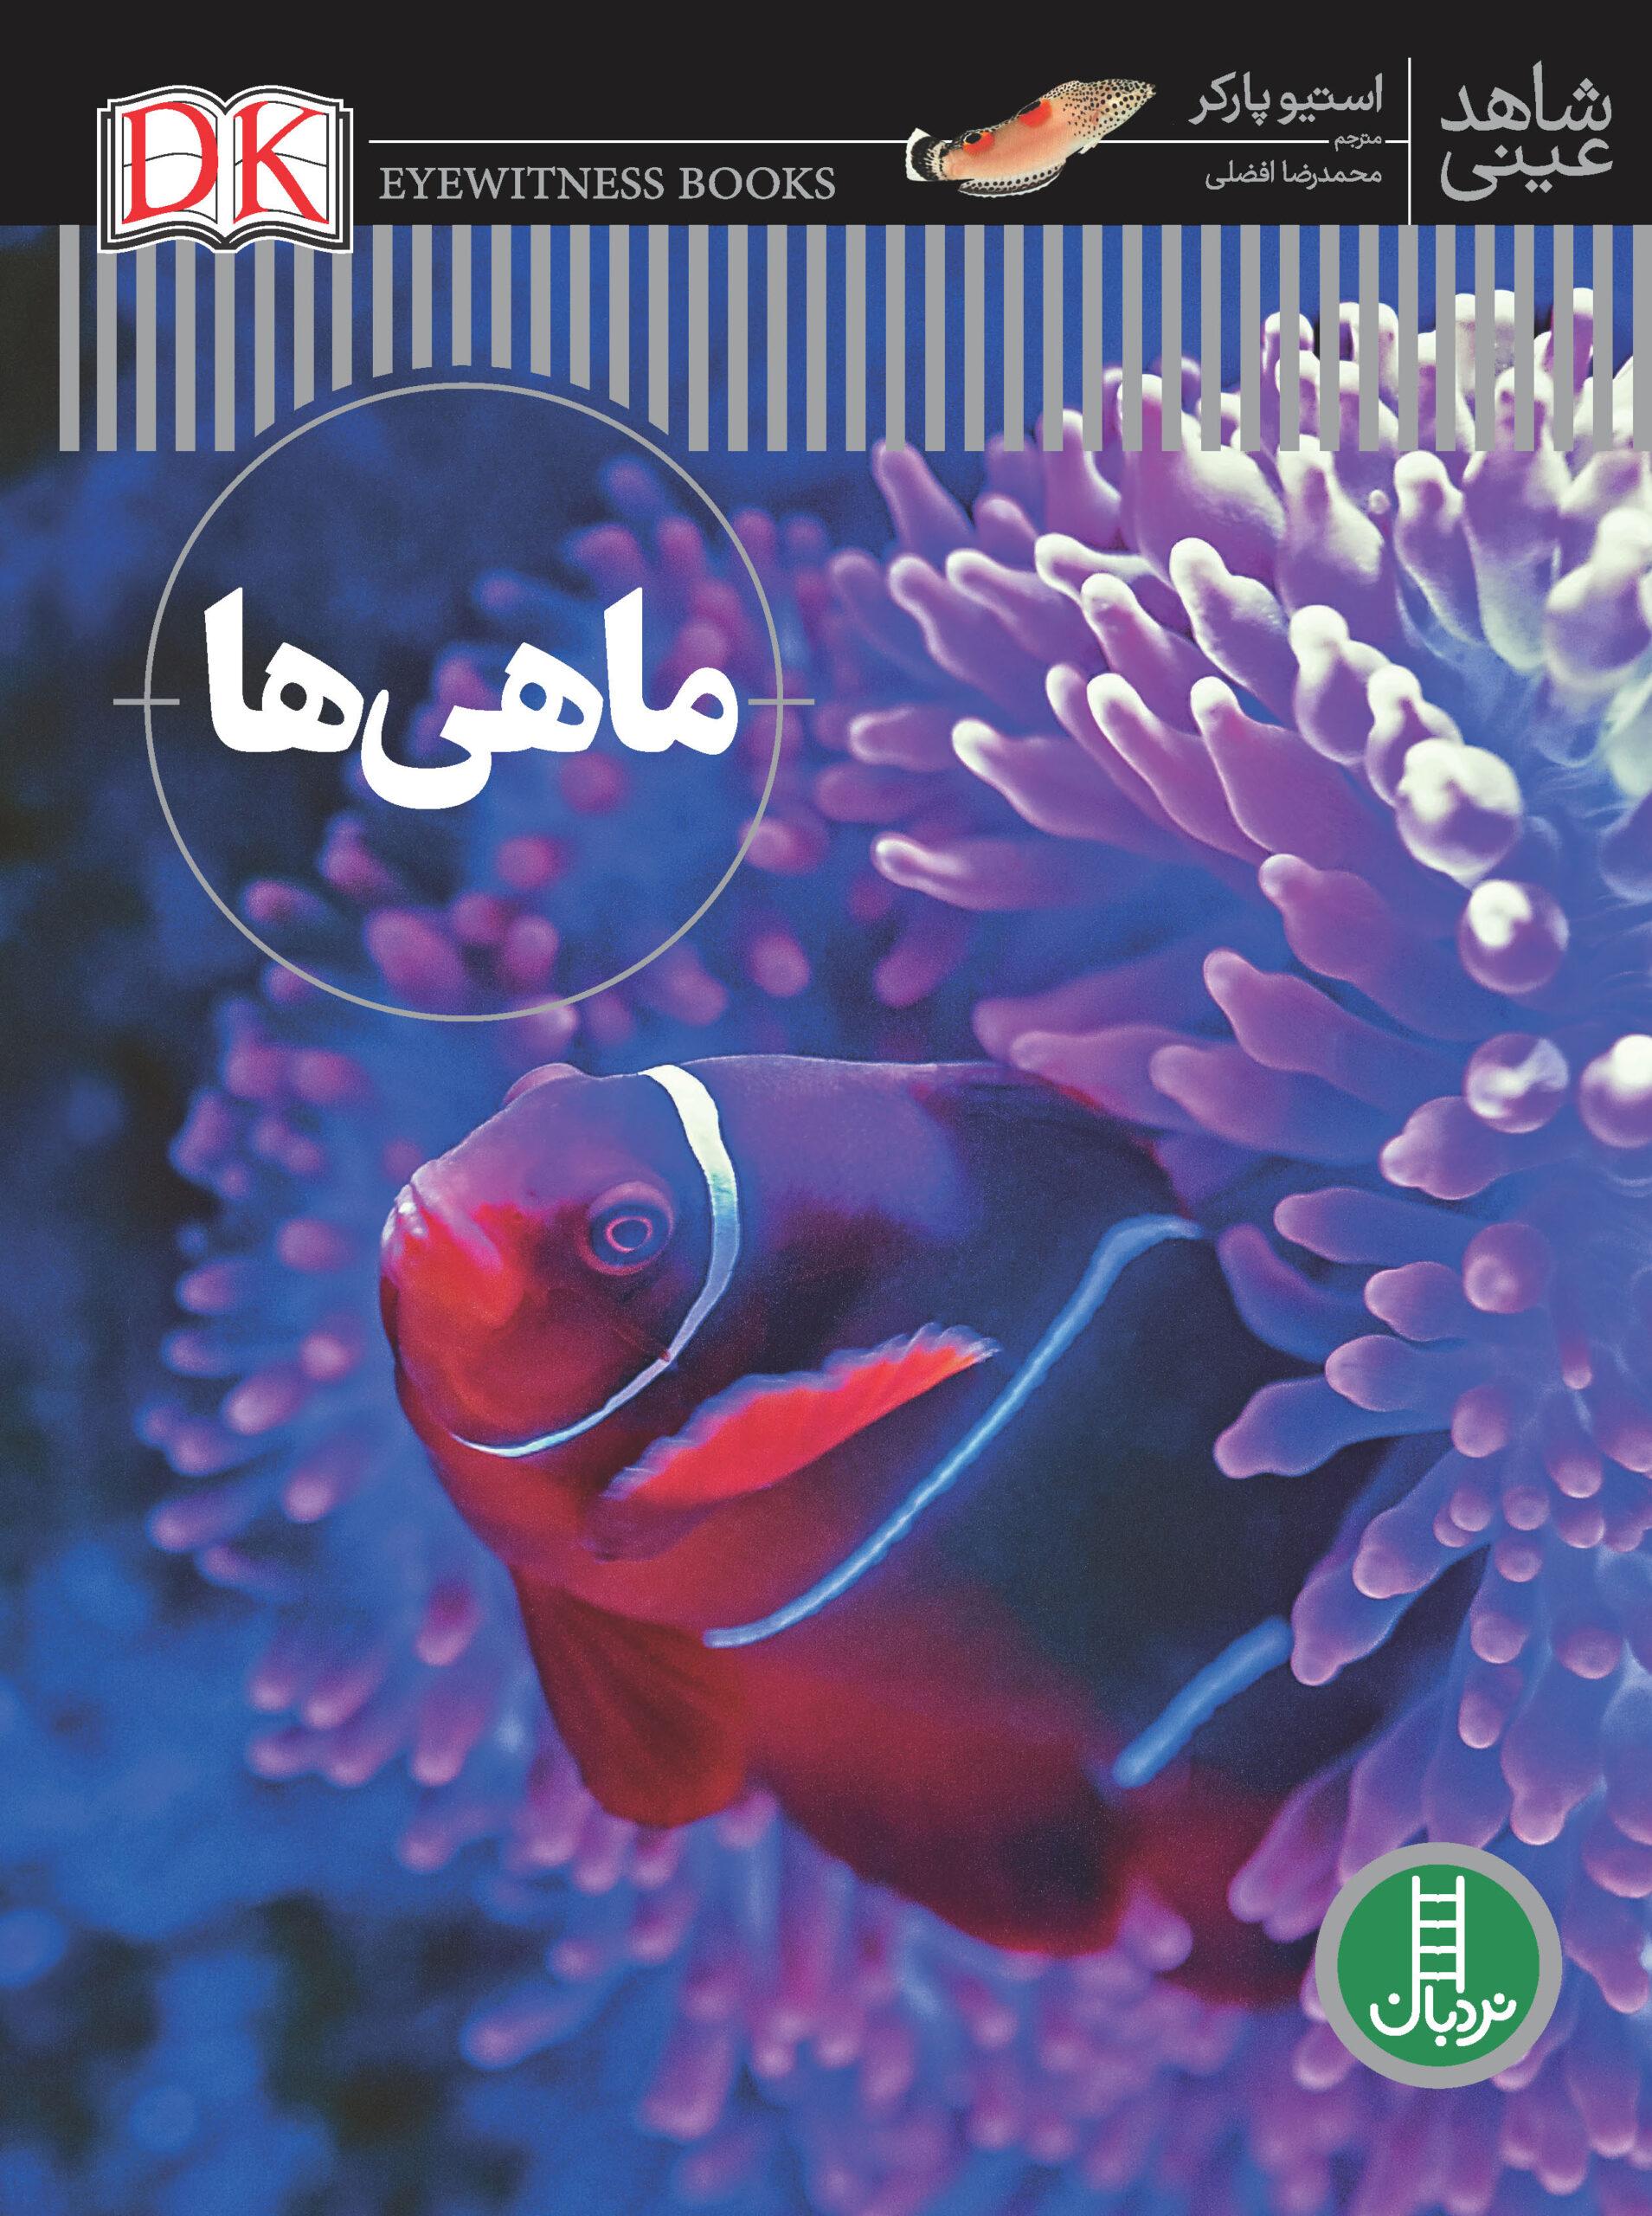 ماهیها (شاهد عینی)